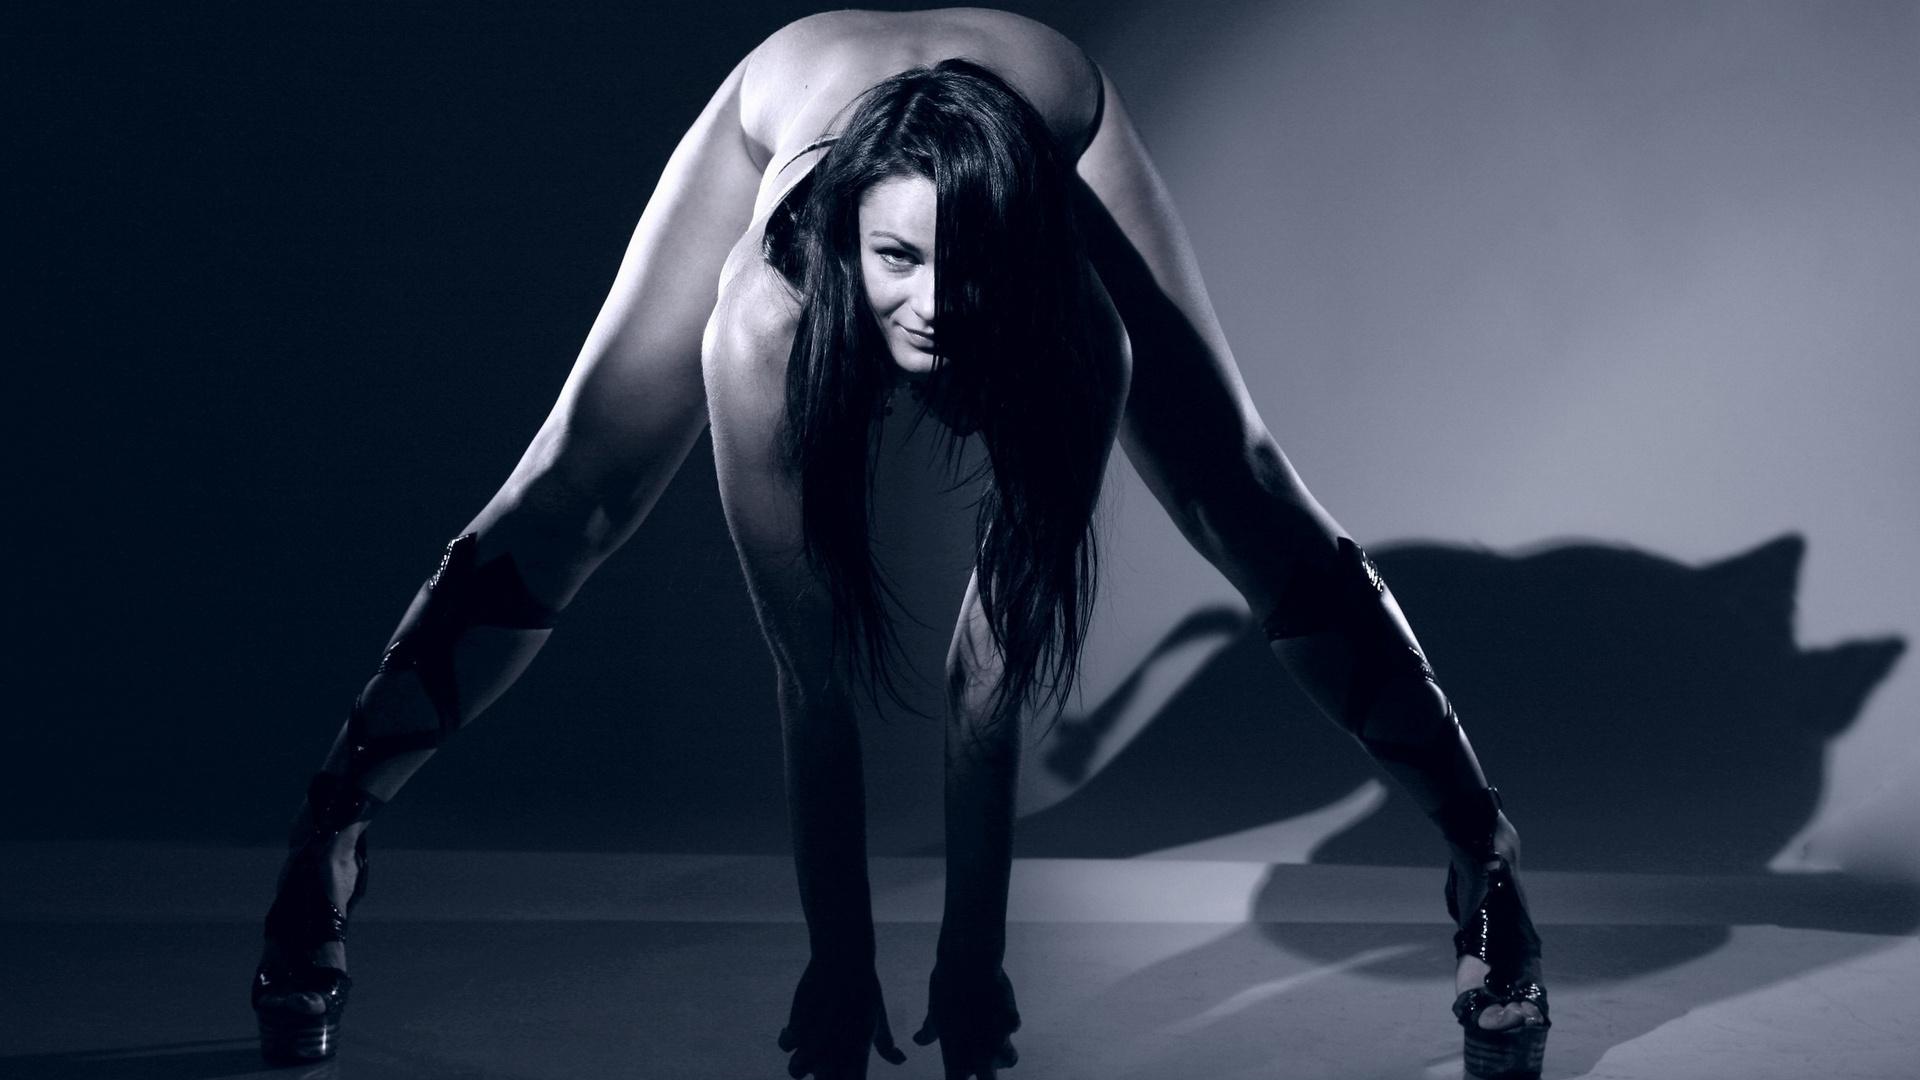 Танци голых девушек, Голые танцы 23 фотография